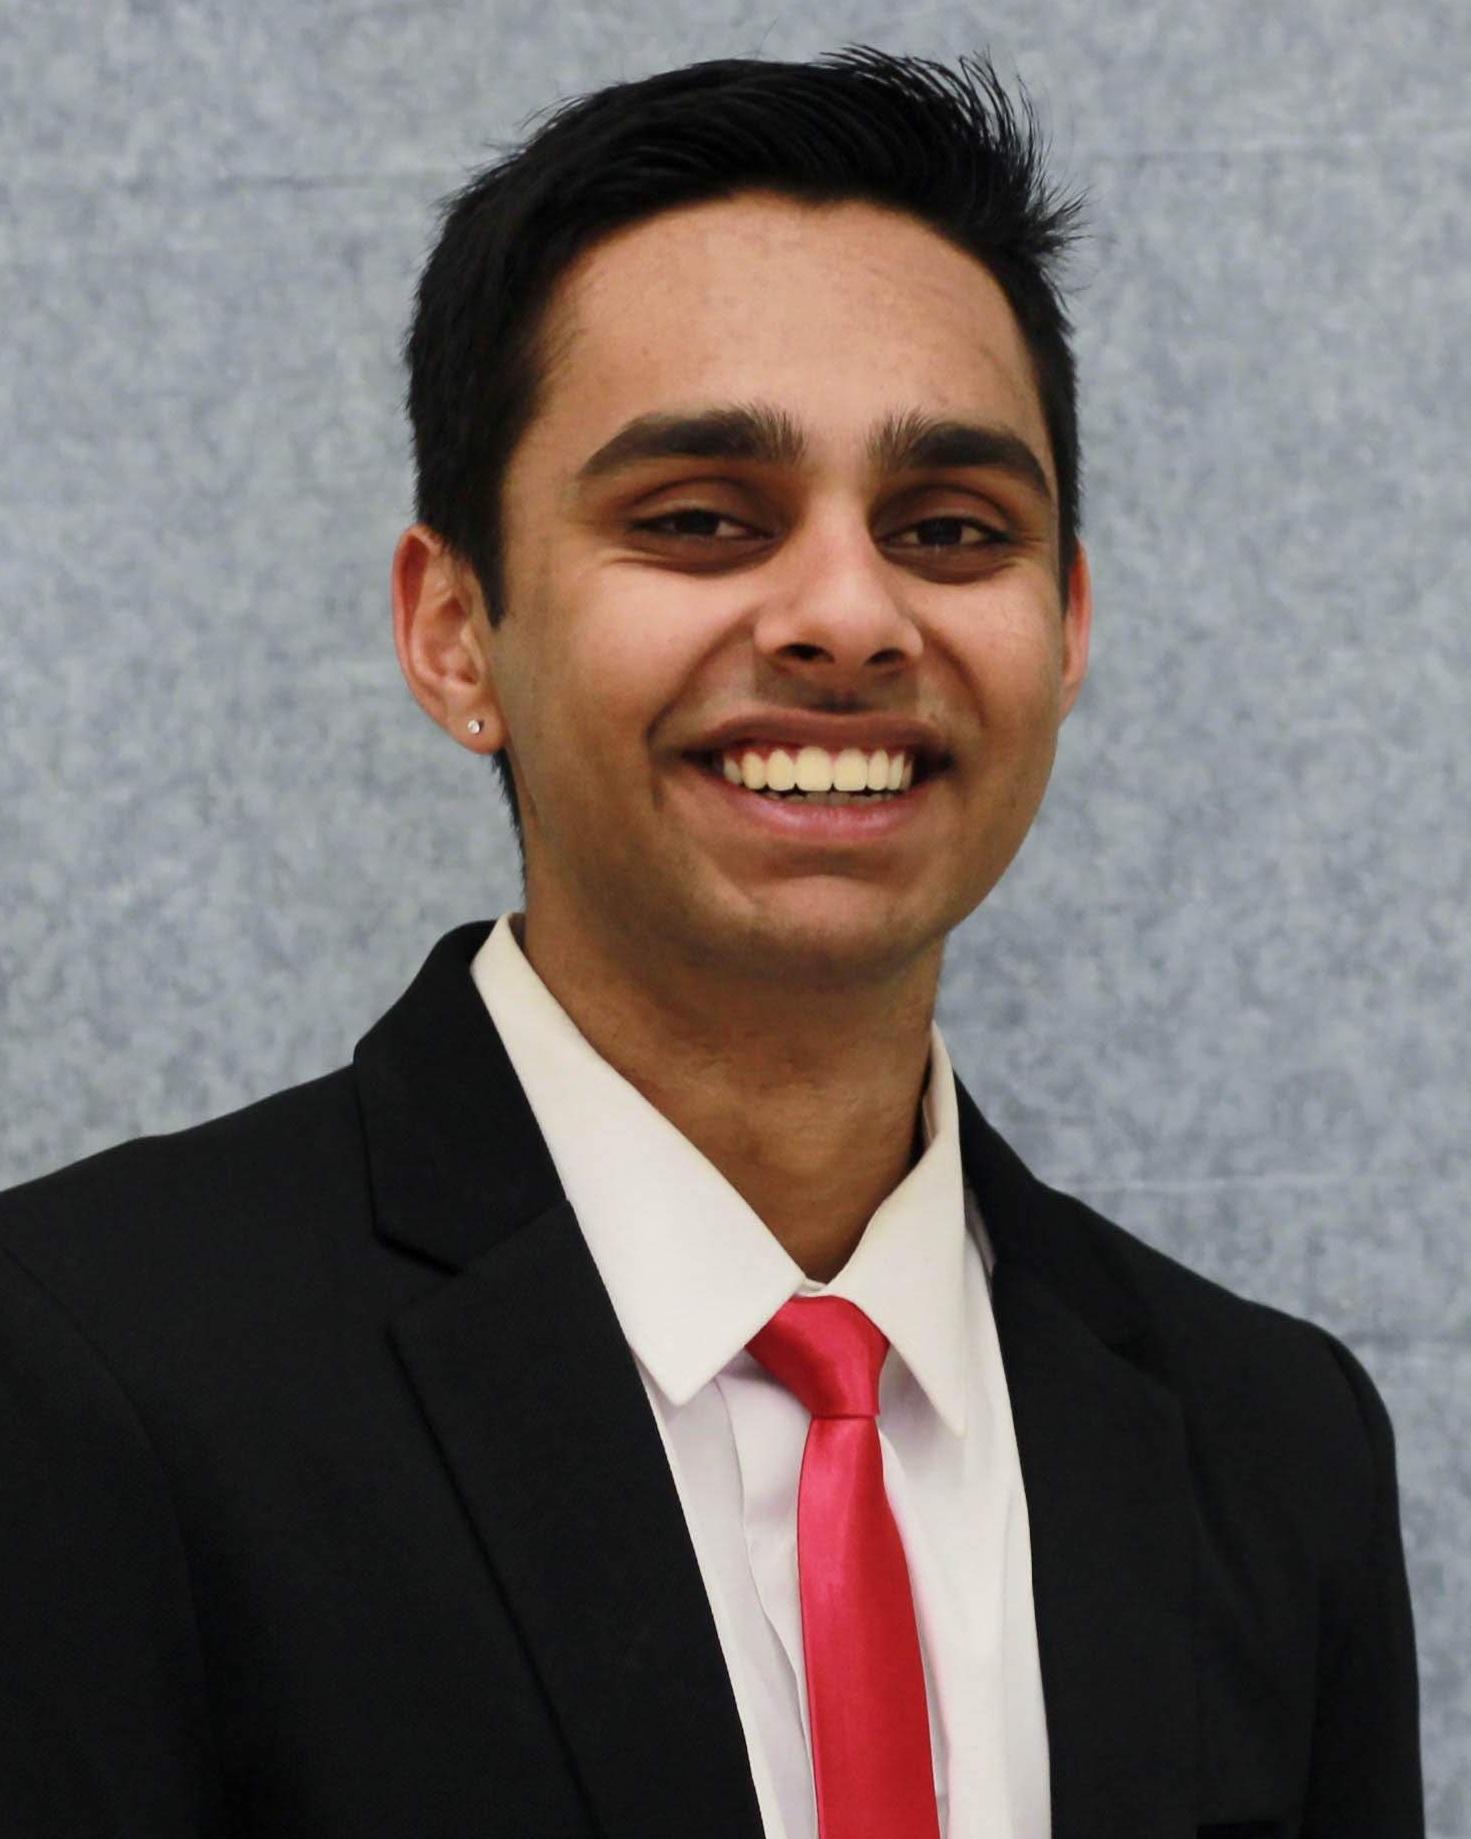 Ayush Garg - Historian